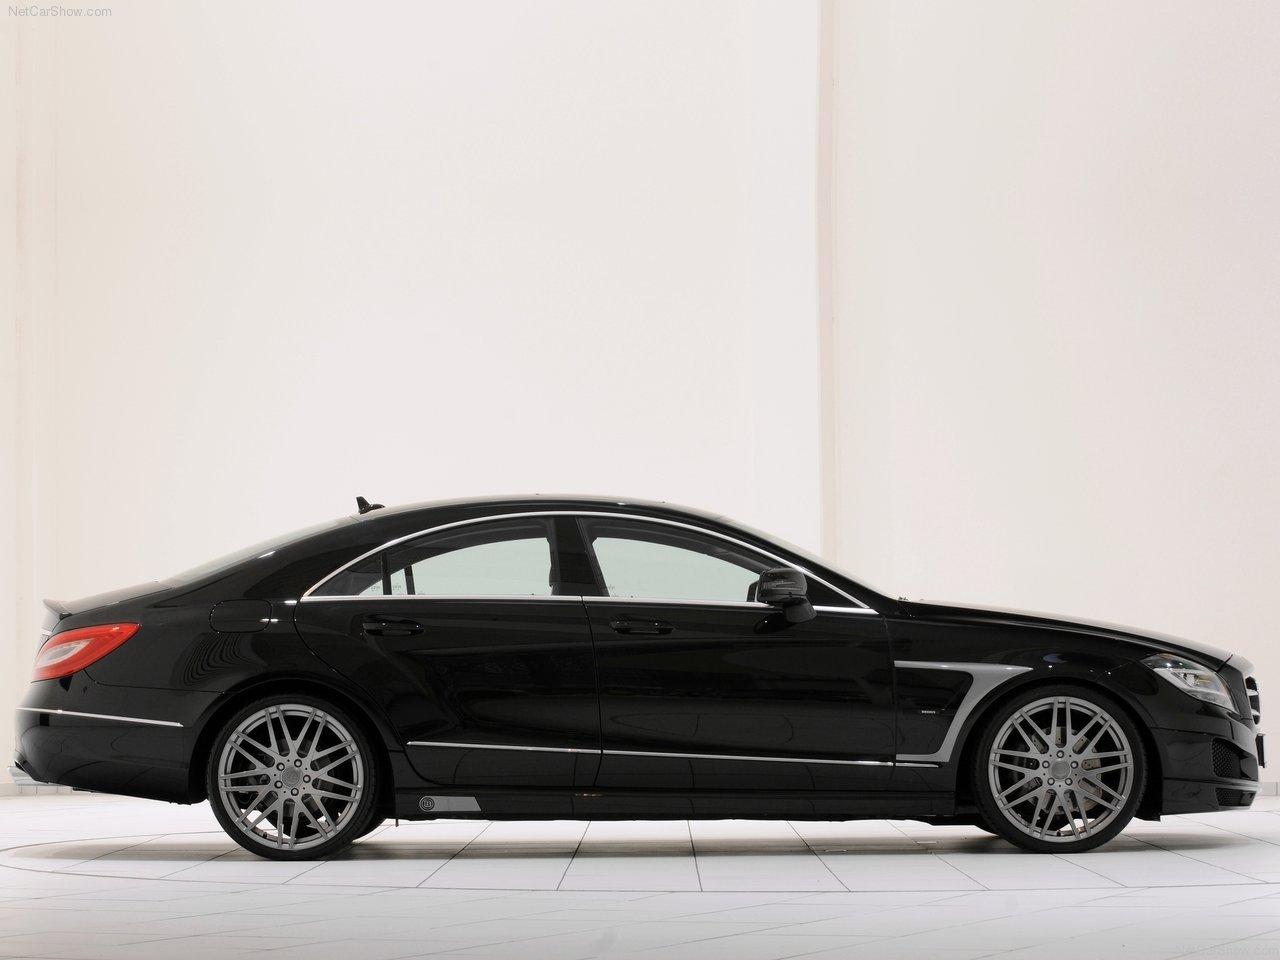 http://4.bp.blogspot.com/-S1zepGRP_Sg/TWXX-Ug7JQI/AAAAAAAAOMQ/ao63QnKo_tU/s1600/Brabus-Mercedes-Benz_CLS_2012_1280x960_wallpaper_05.jpg